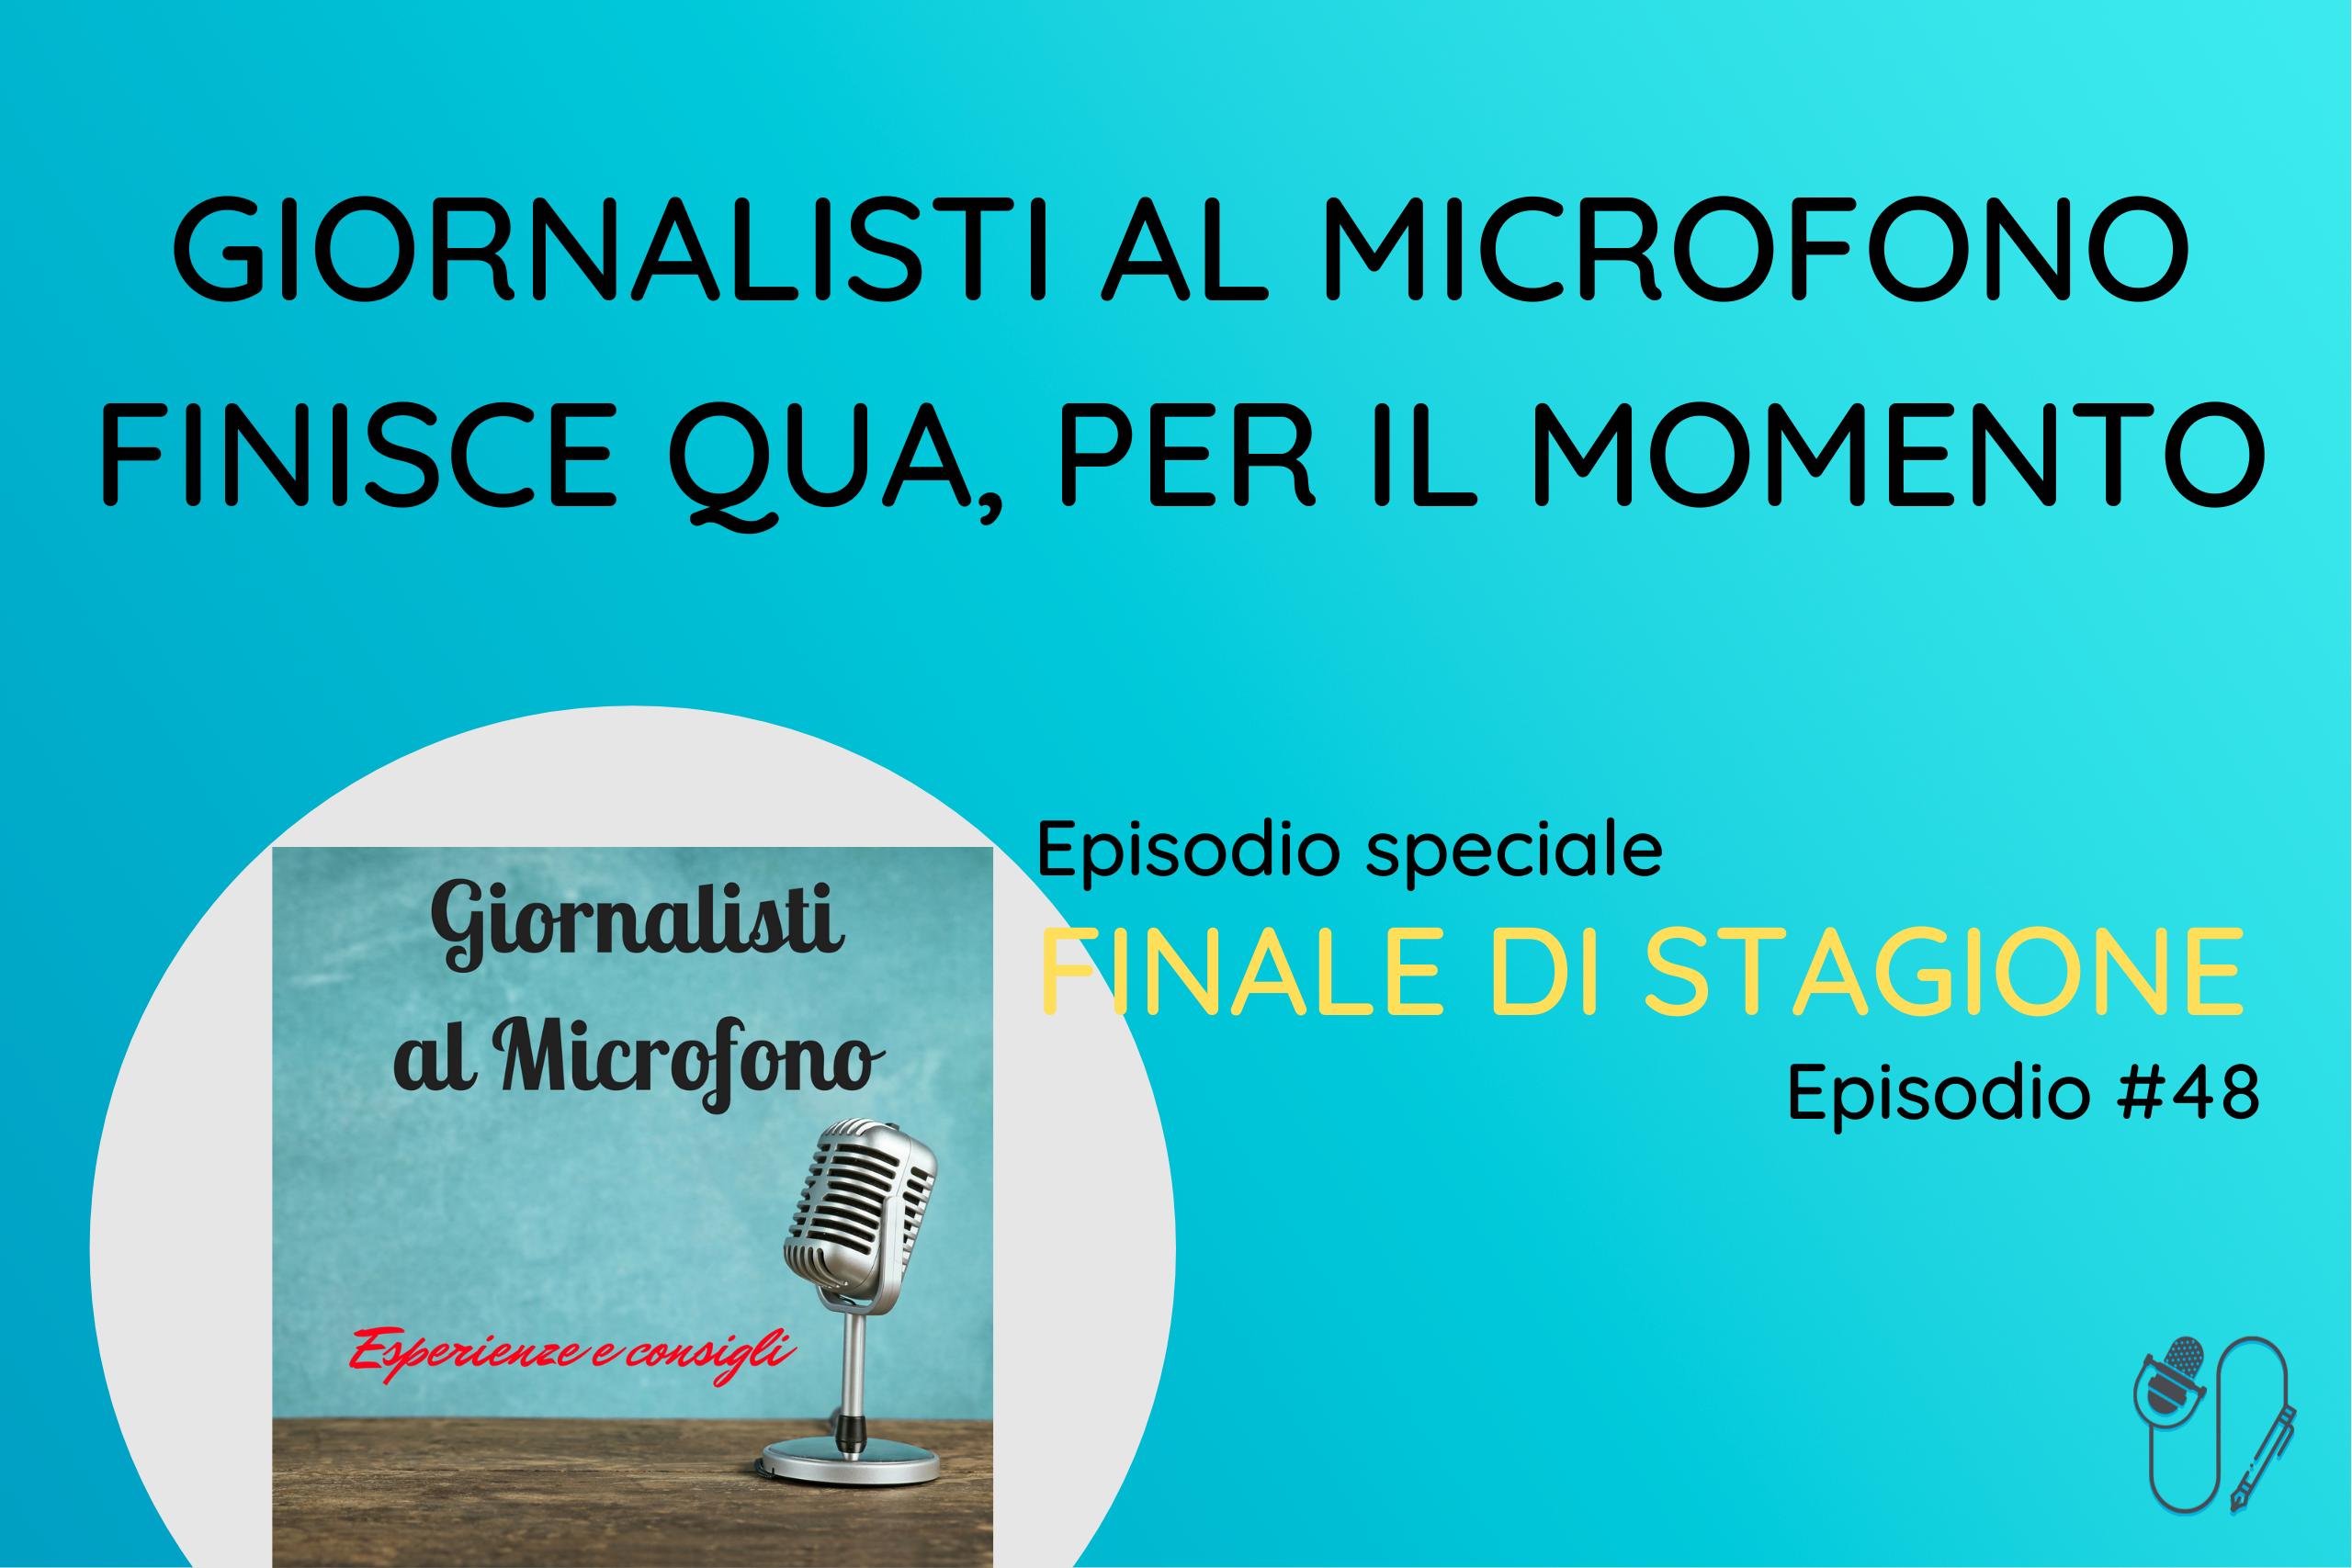 Giornalisti al Microfono - prima stagione